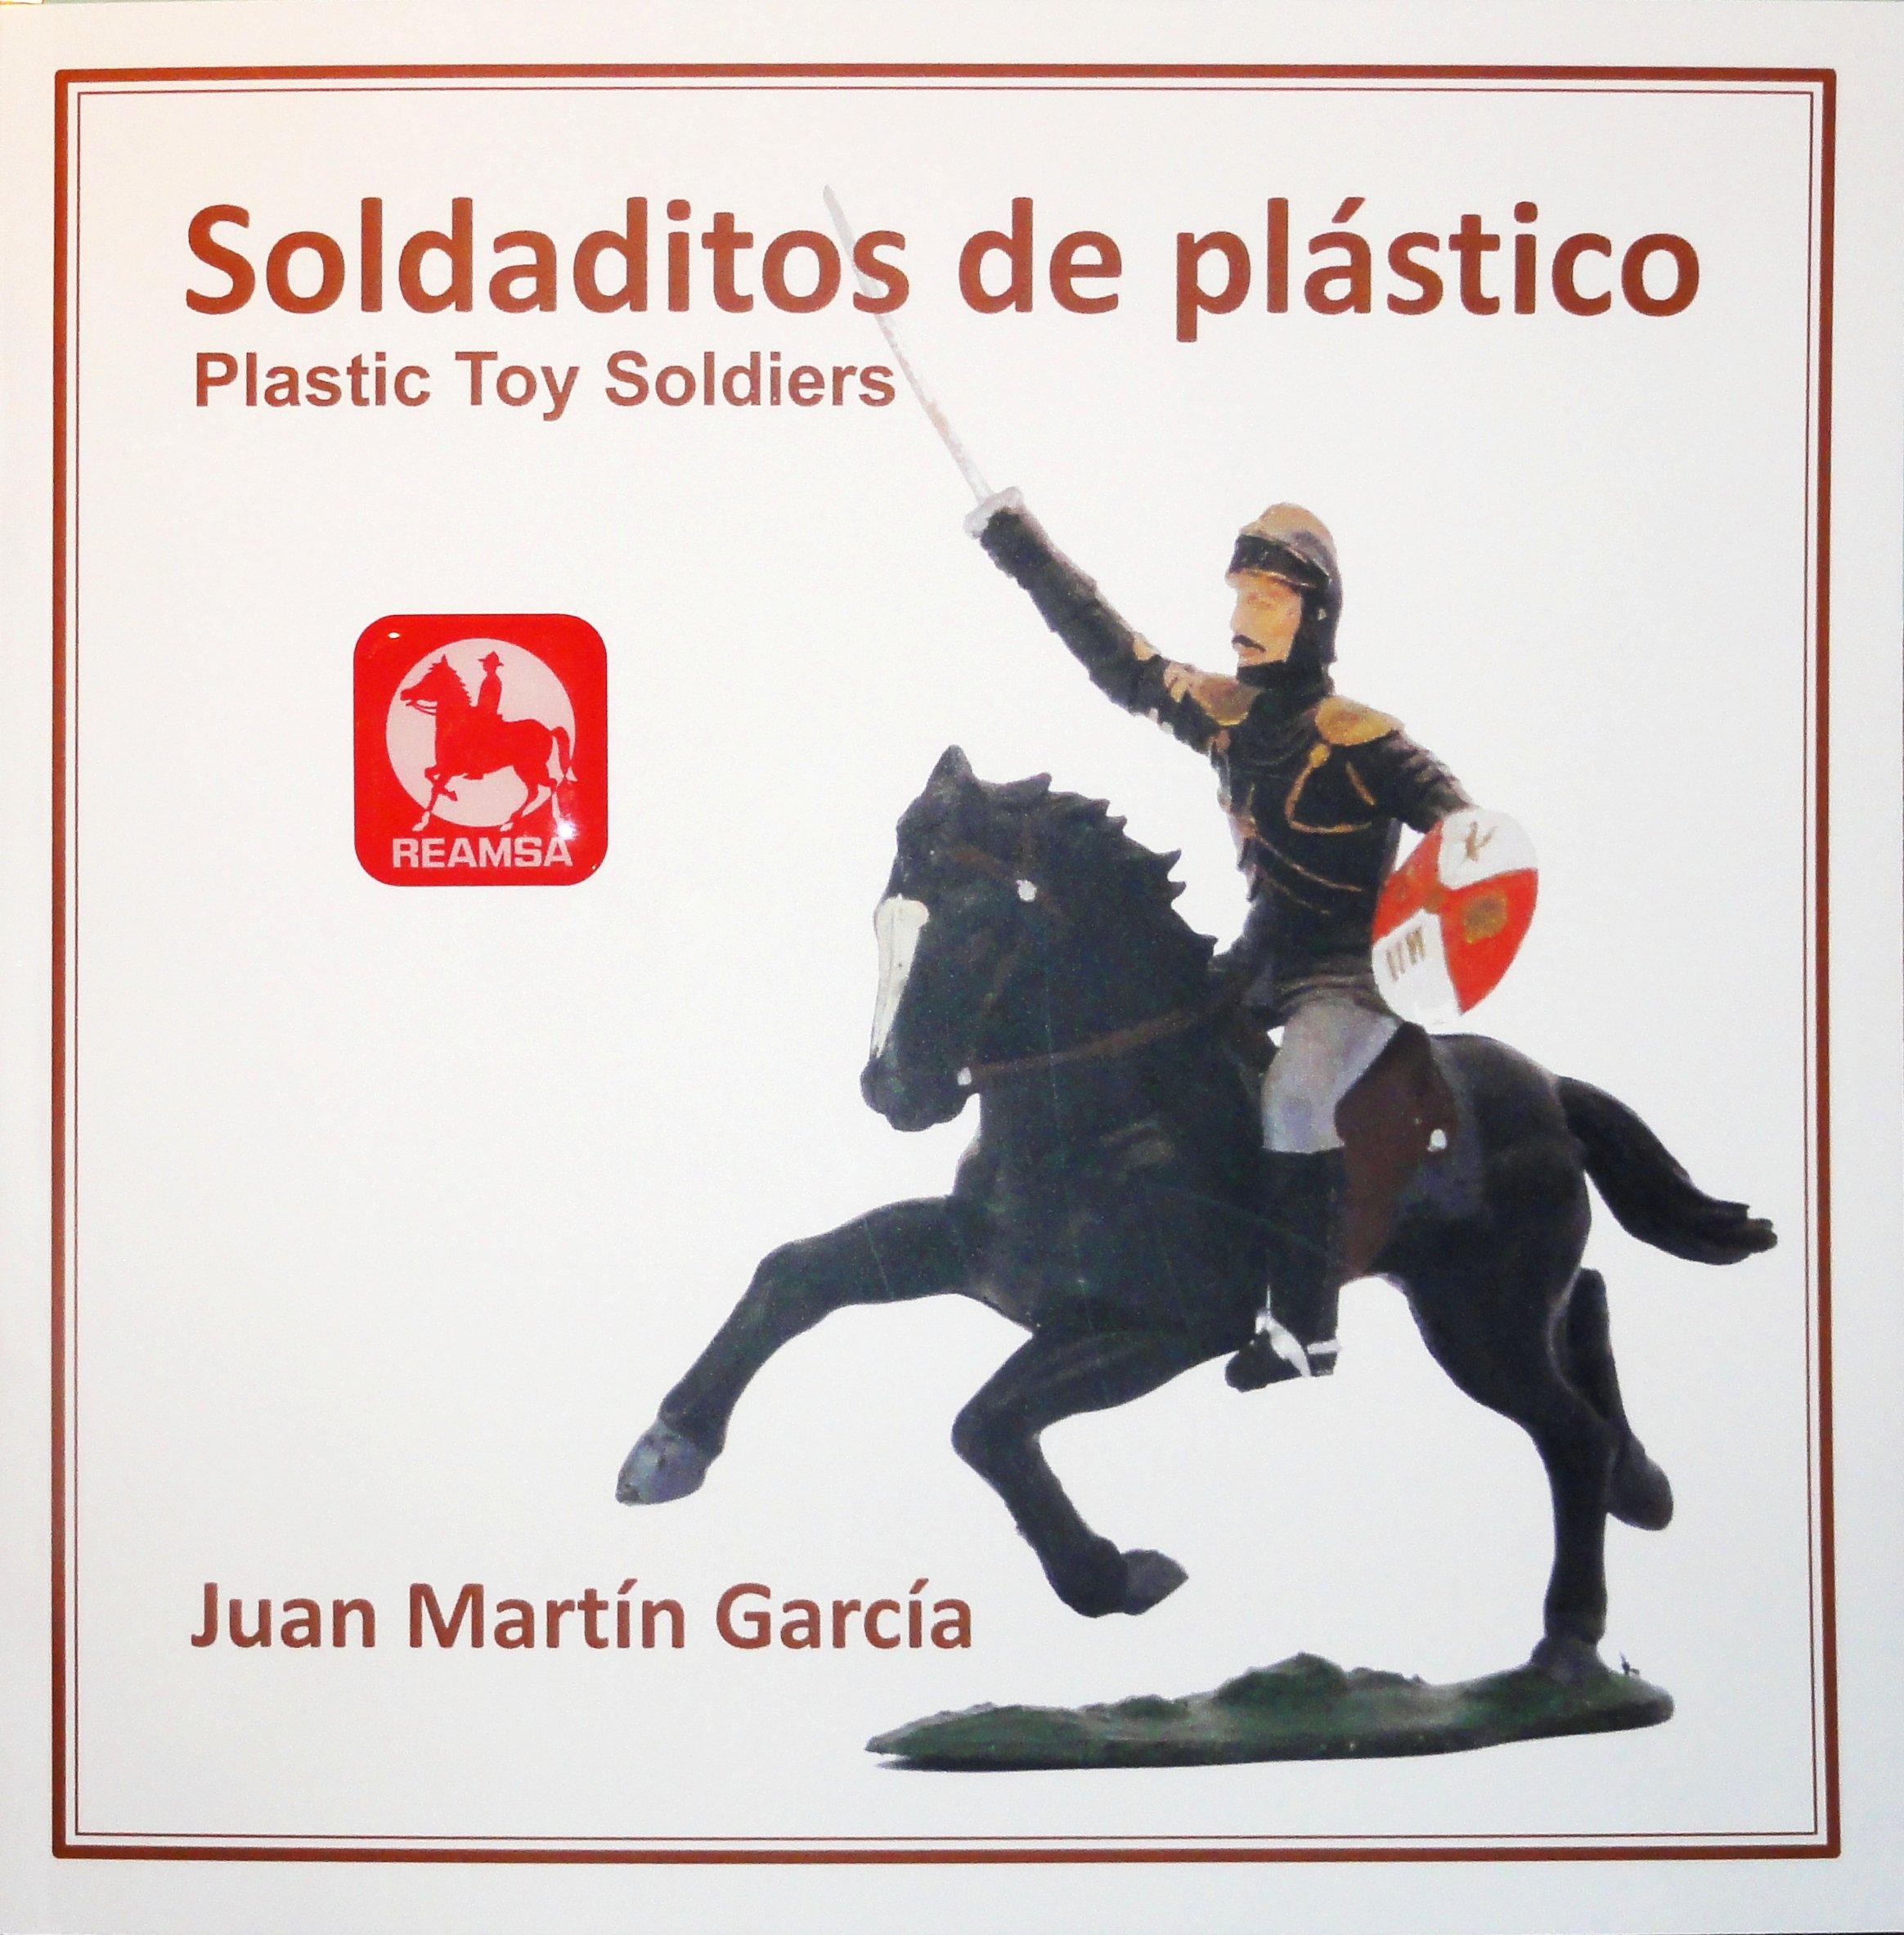 Download Soldaditos Reamsa Plastic Toy Soldiers PDF